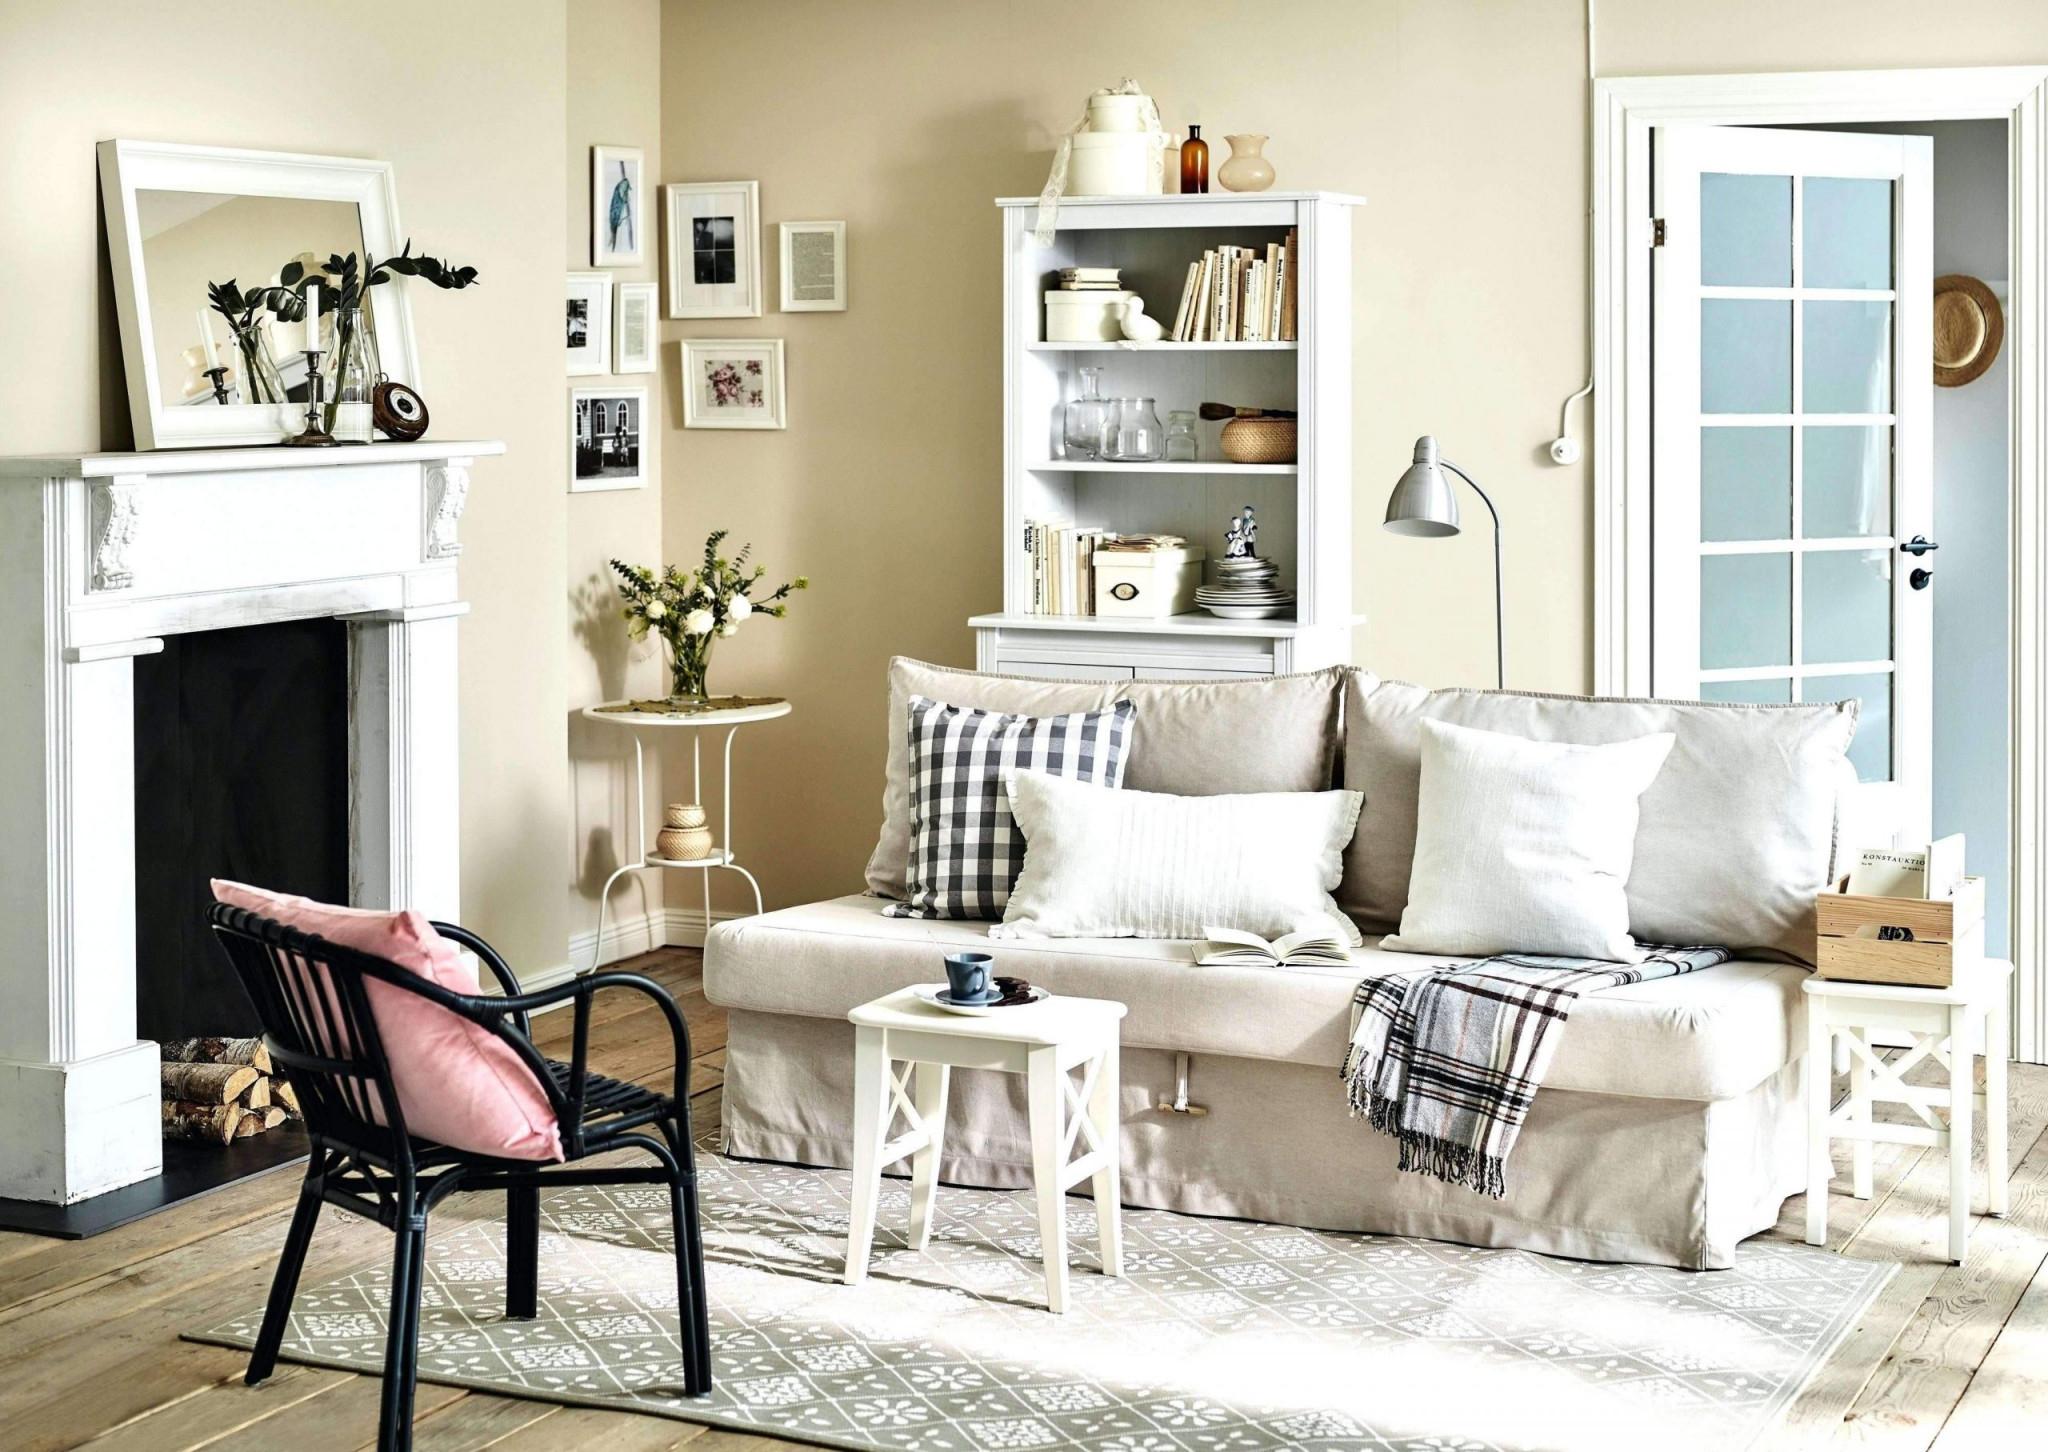 Wohnzimmer Retro Elegant Dekoration Wohnzimmer Ideen Reizend von Retro Deko Wohnzimmer Bild